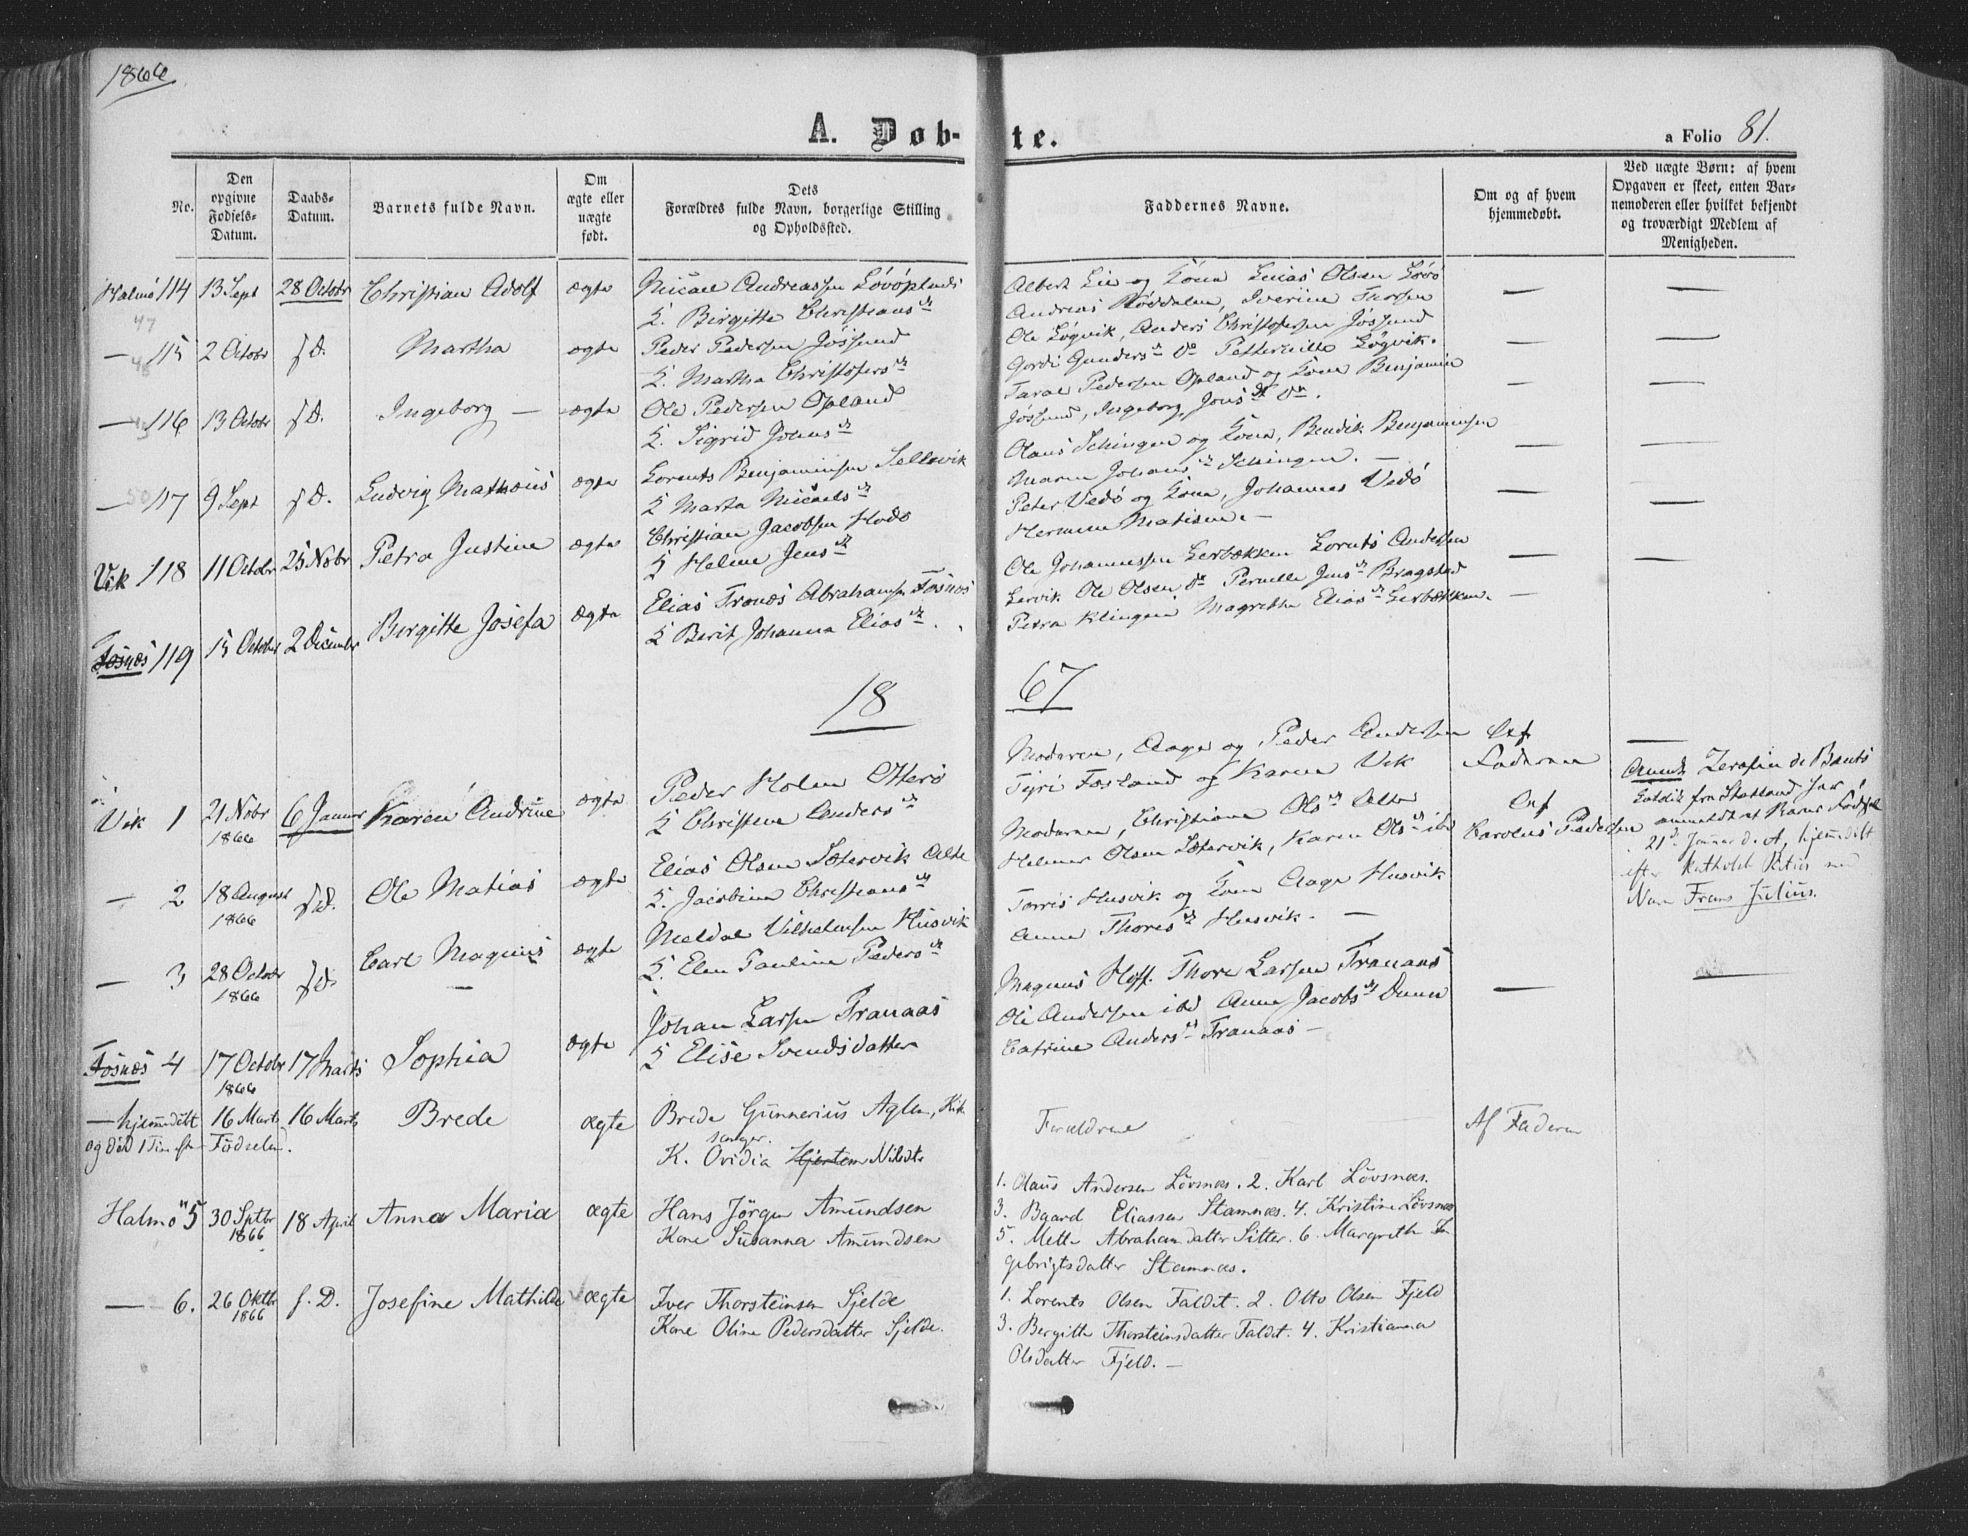 SAT, Ministerialprotokoller, klokkerbøker og fødselsregistre - Nord-Trøndelag, 773/L0615: Ministerialbok nr. 773A06, 1857-1870, s. 81